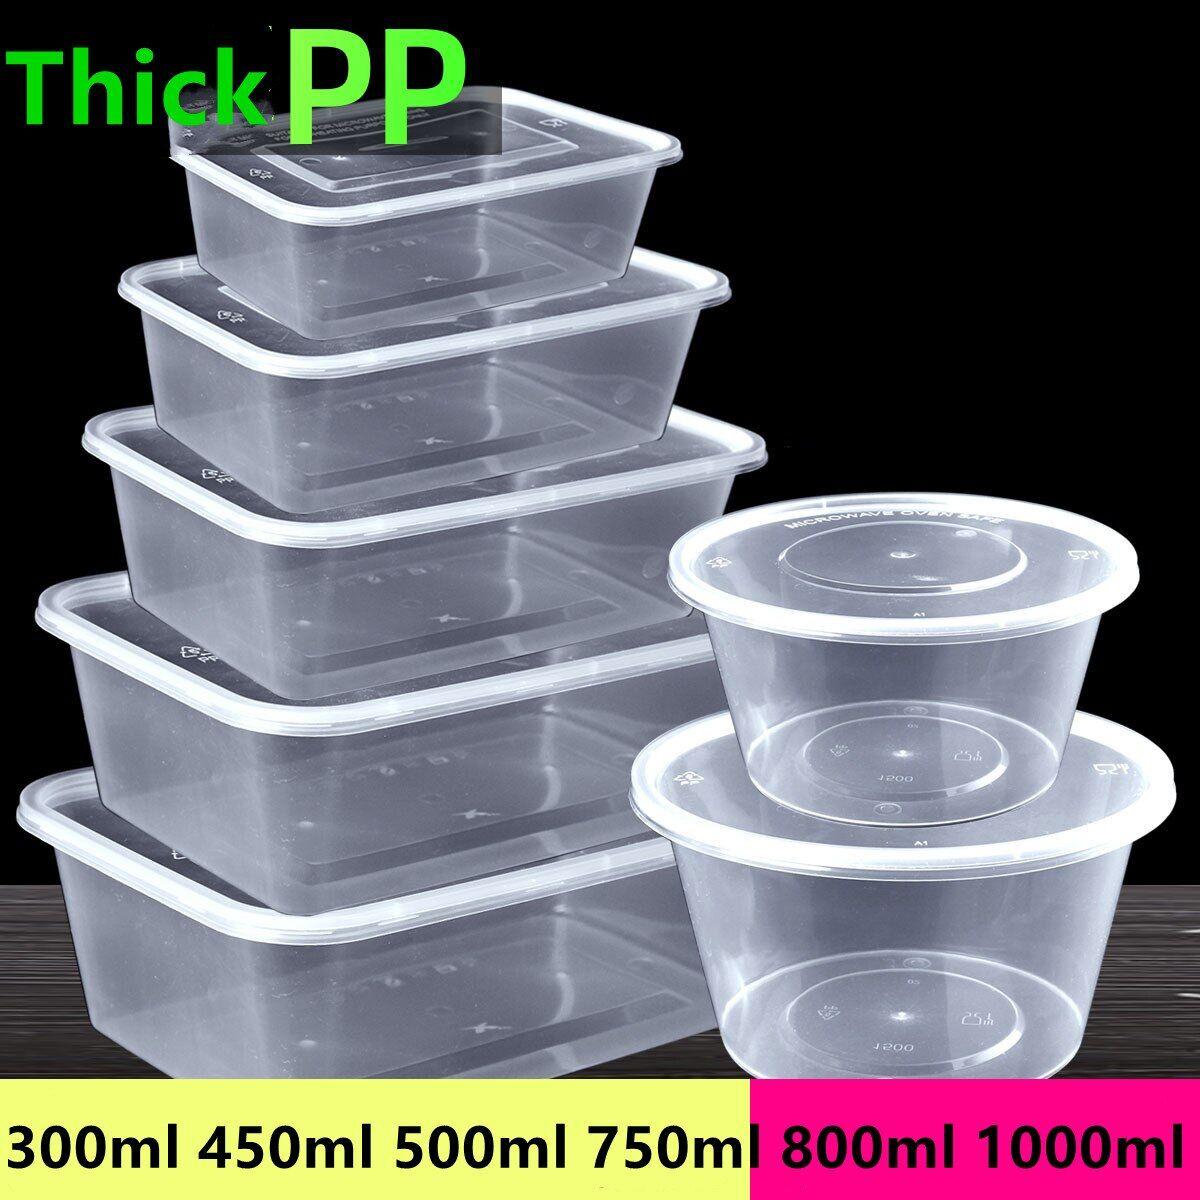 AliExpress Emballage alimentaire bol noir Transparent avec couvercle épais, boîte à déjeuner ronde et carrée